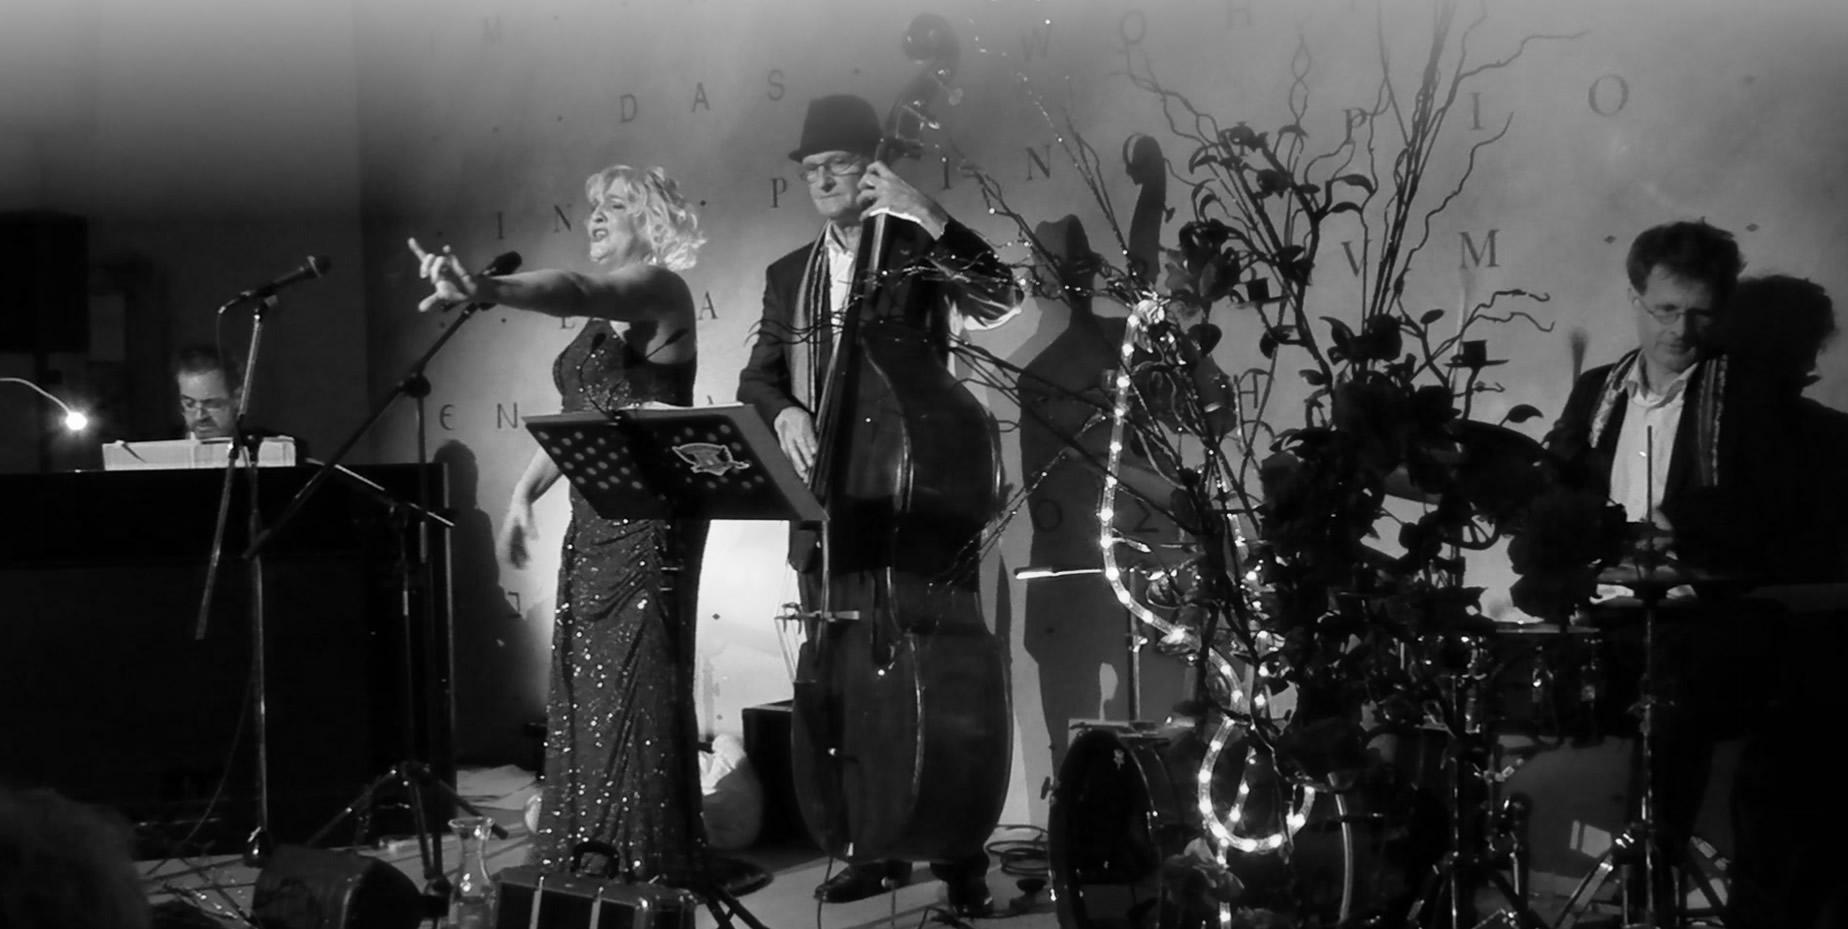 Hanna Rose und Combo Salzburg - Band Livemusik Chansons - klassiker der deutschen Musikgeschichte